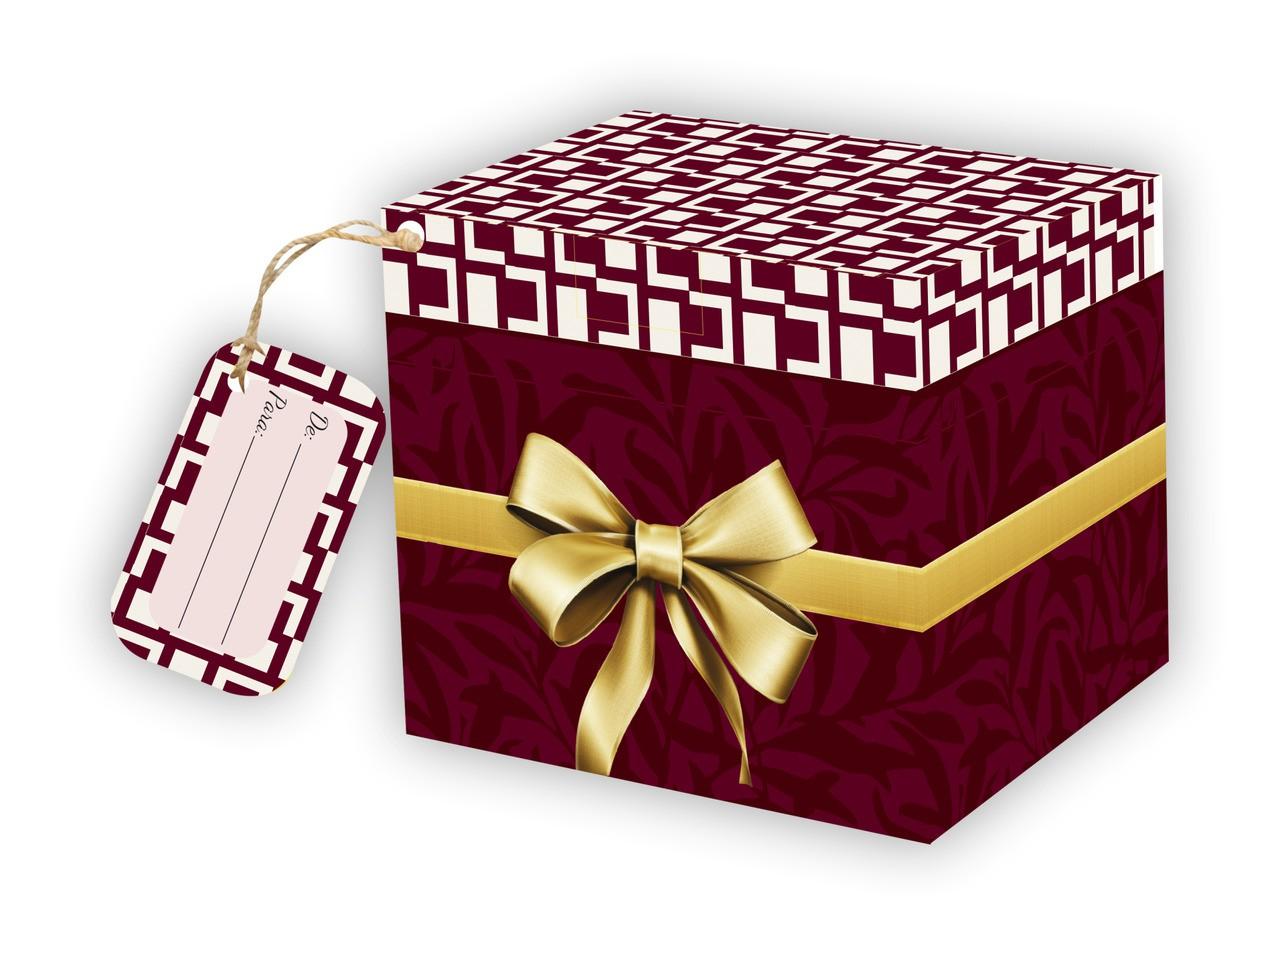 Caixa para Caneca Xadrez Bordo com tag - pacote com 10 unidades